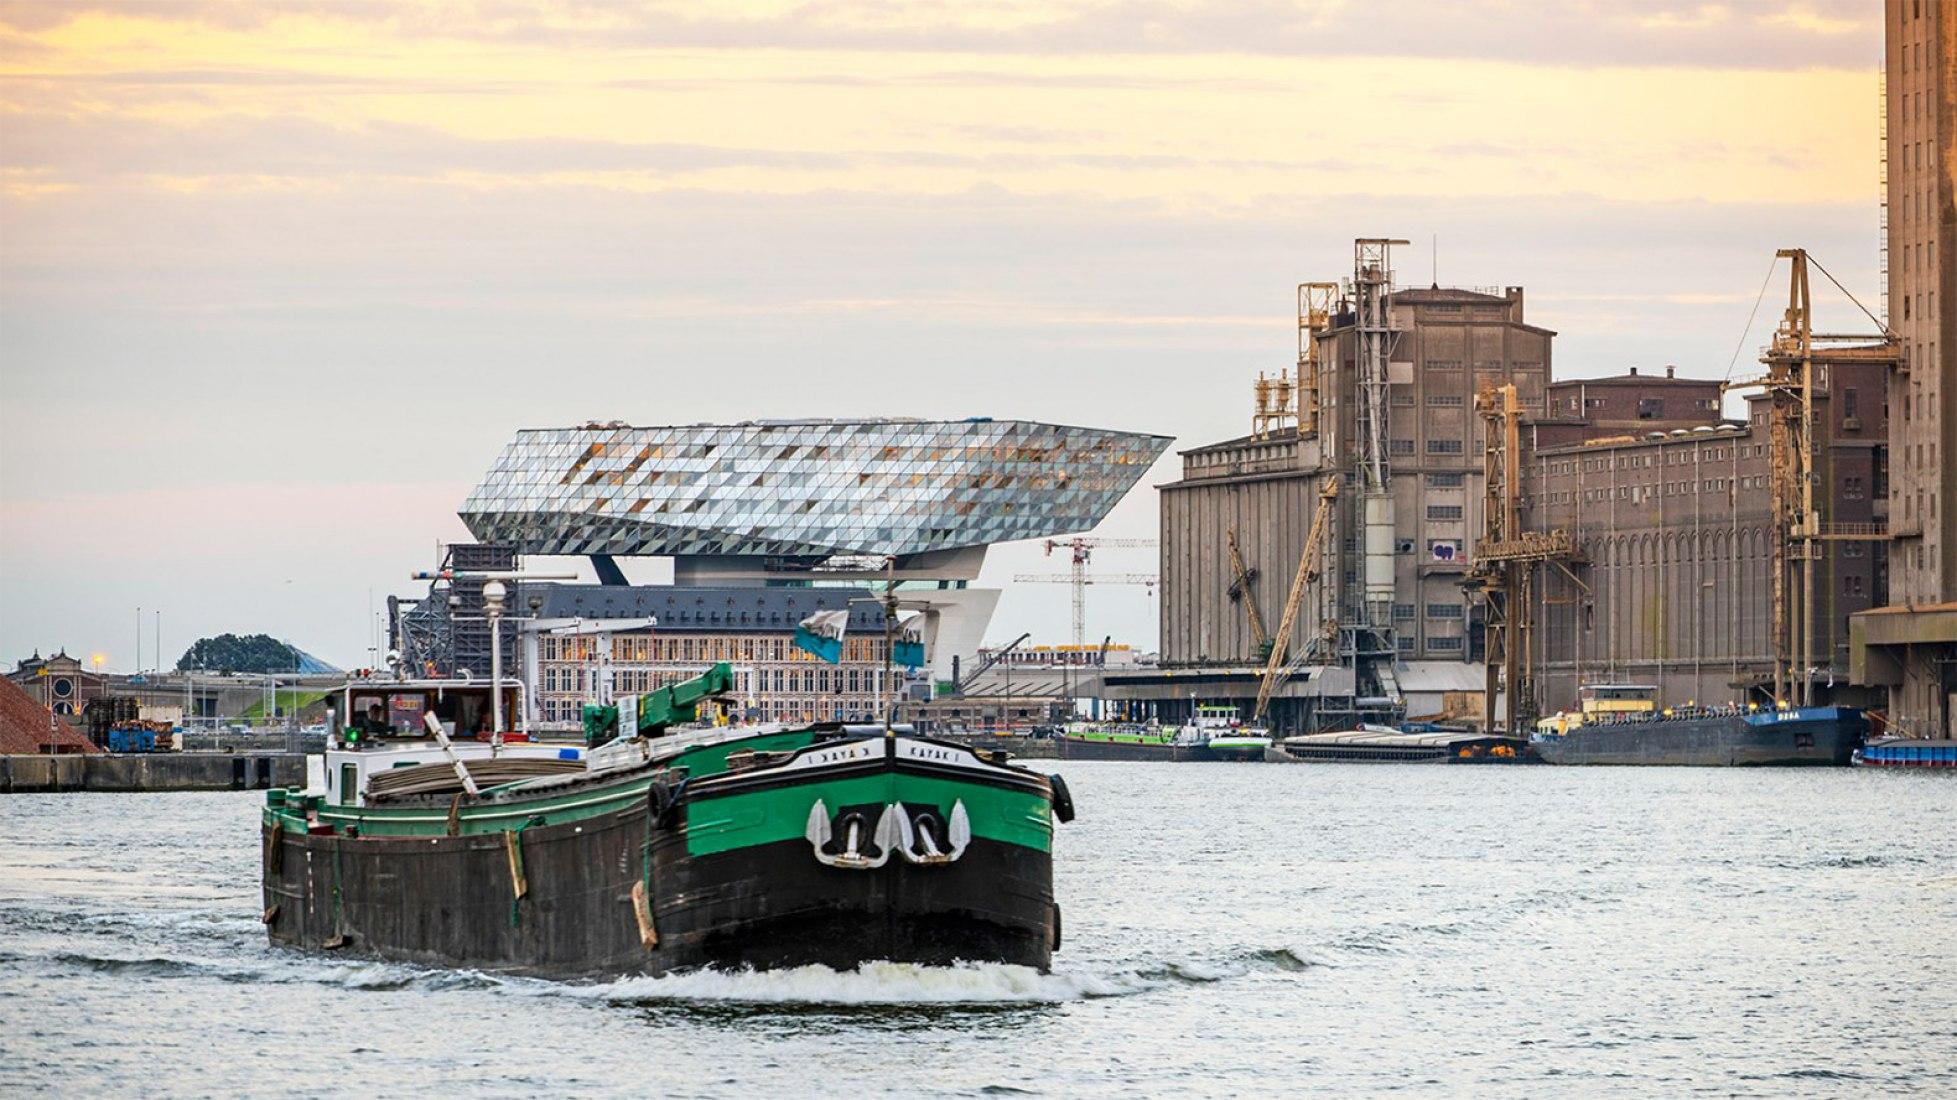 Nuevas instalaciones de oficinas en el puerto de Amberes por Zaha Hadid Archtiects. Fotografía @ Tim Fisher